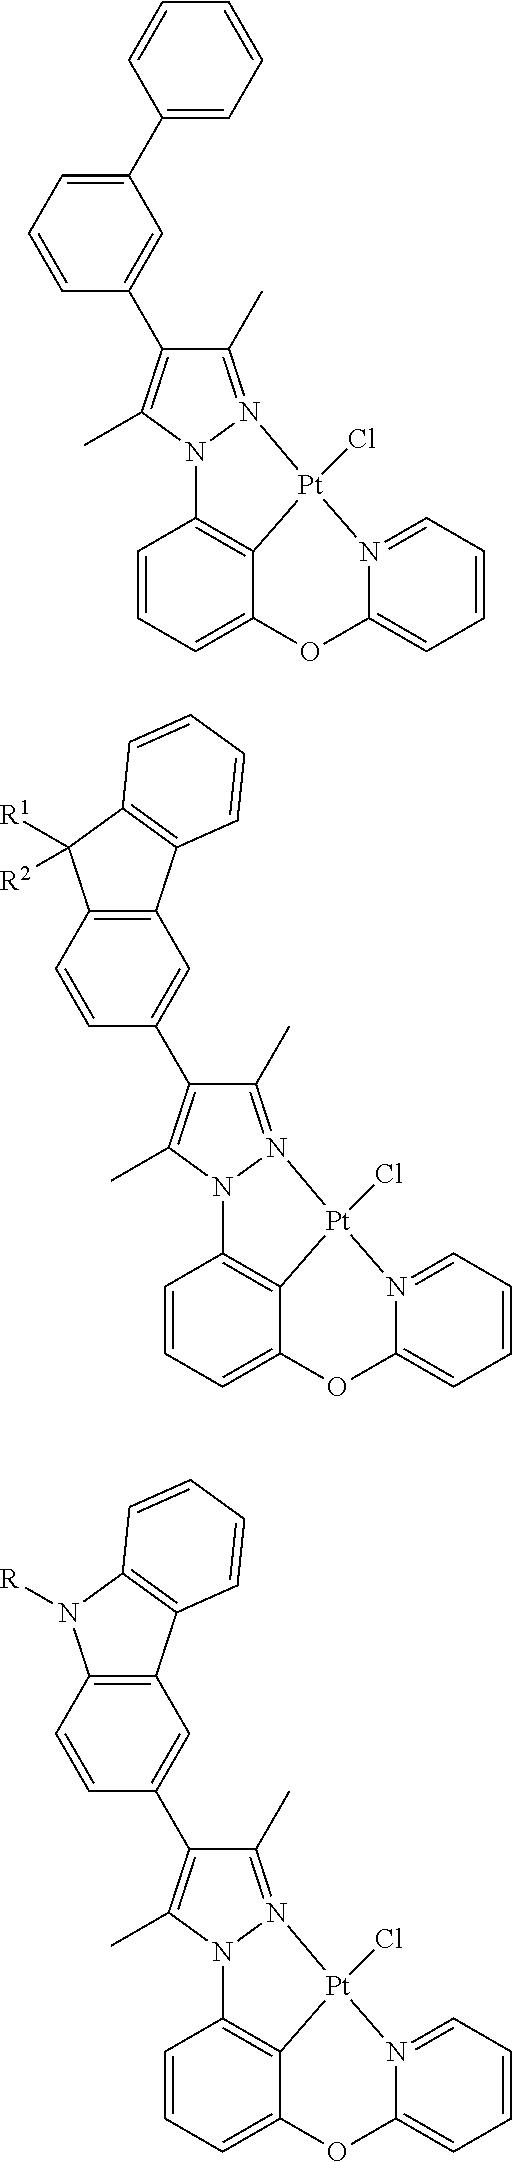 Figure US09818959-20171114-C00509